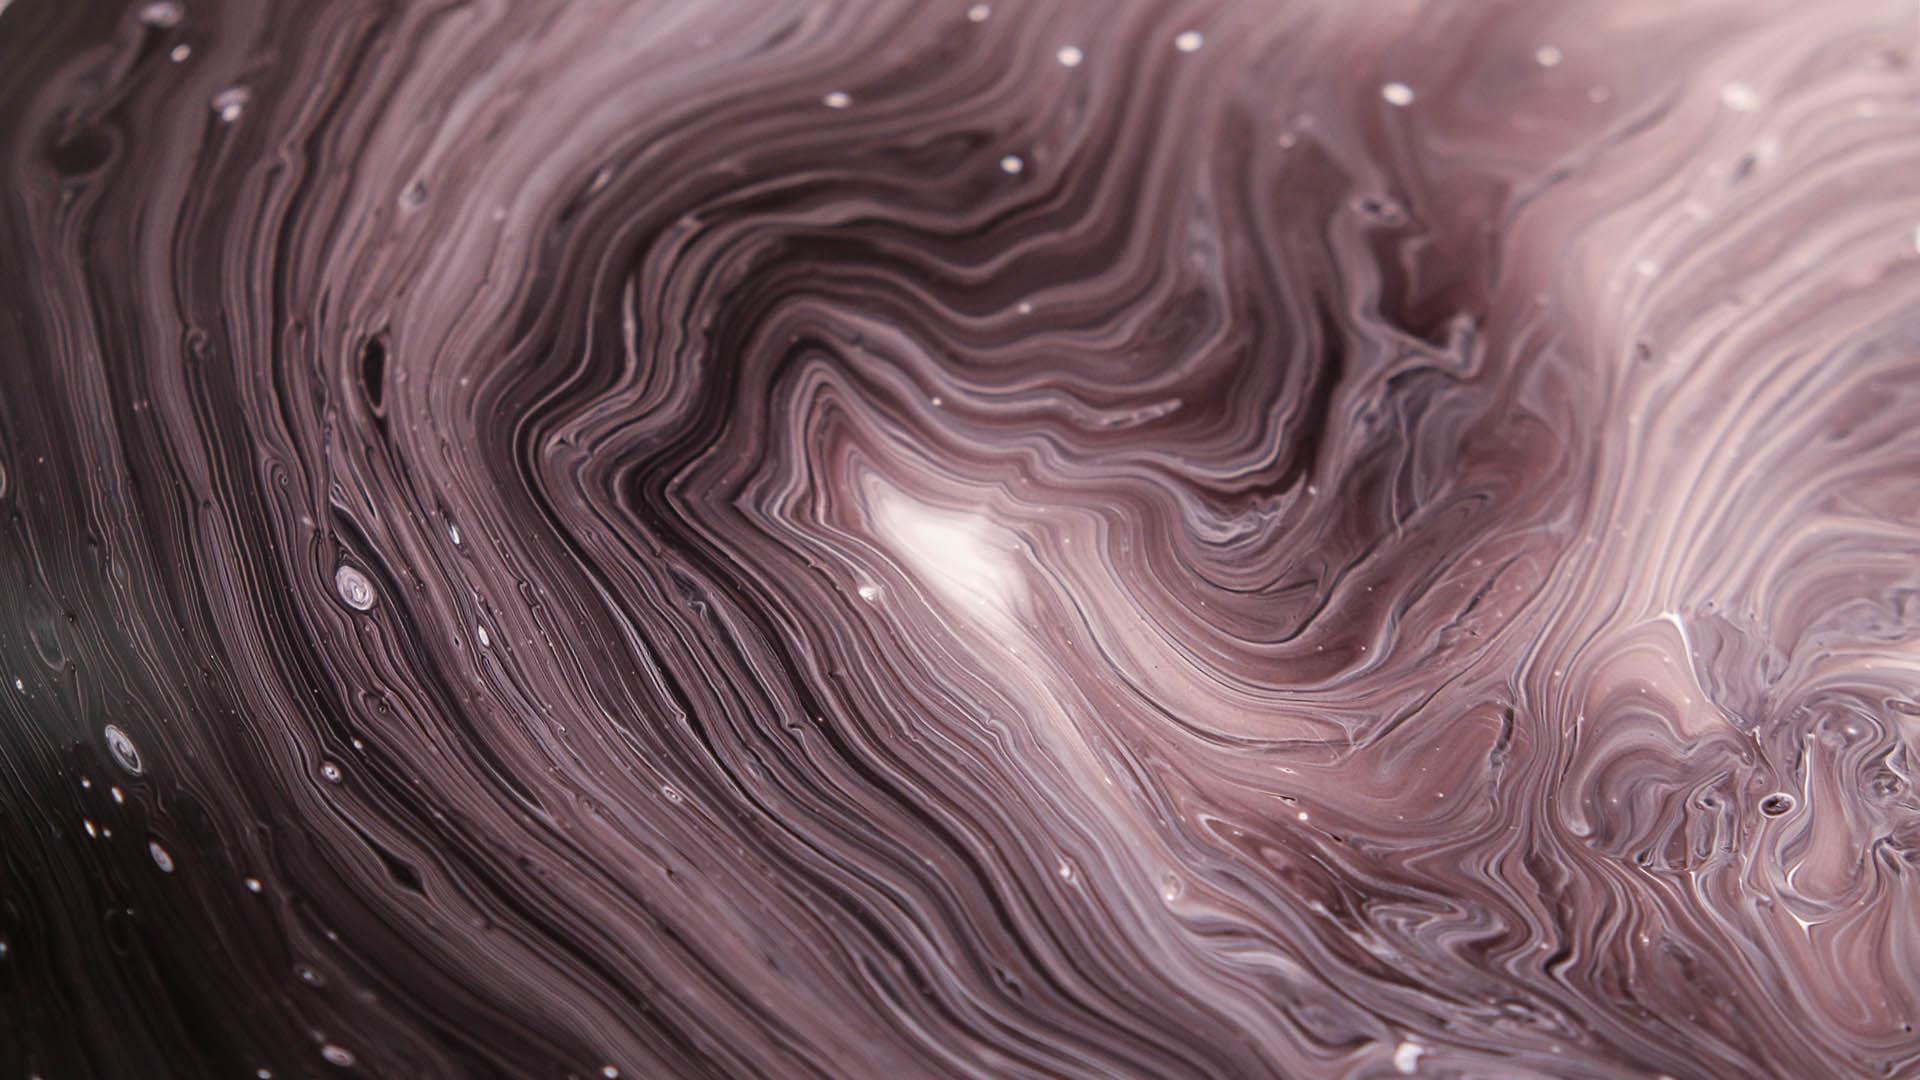 космос в пылинке. бесконечная медитация